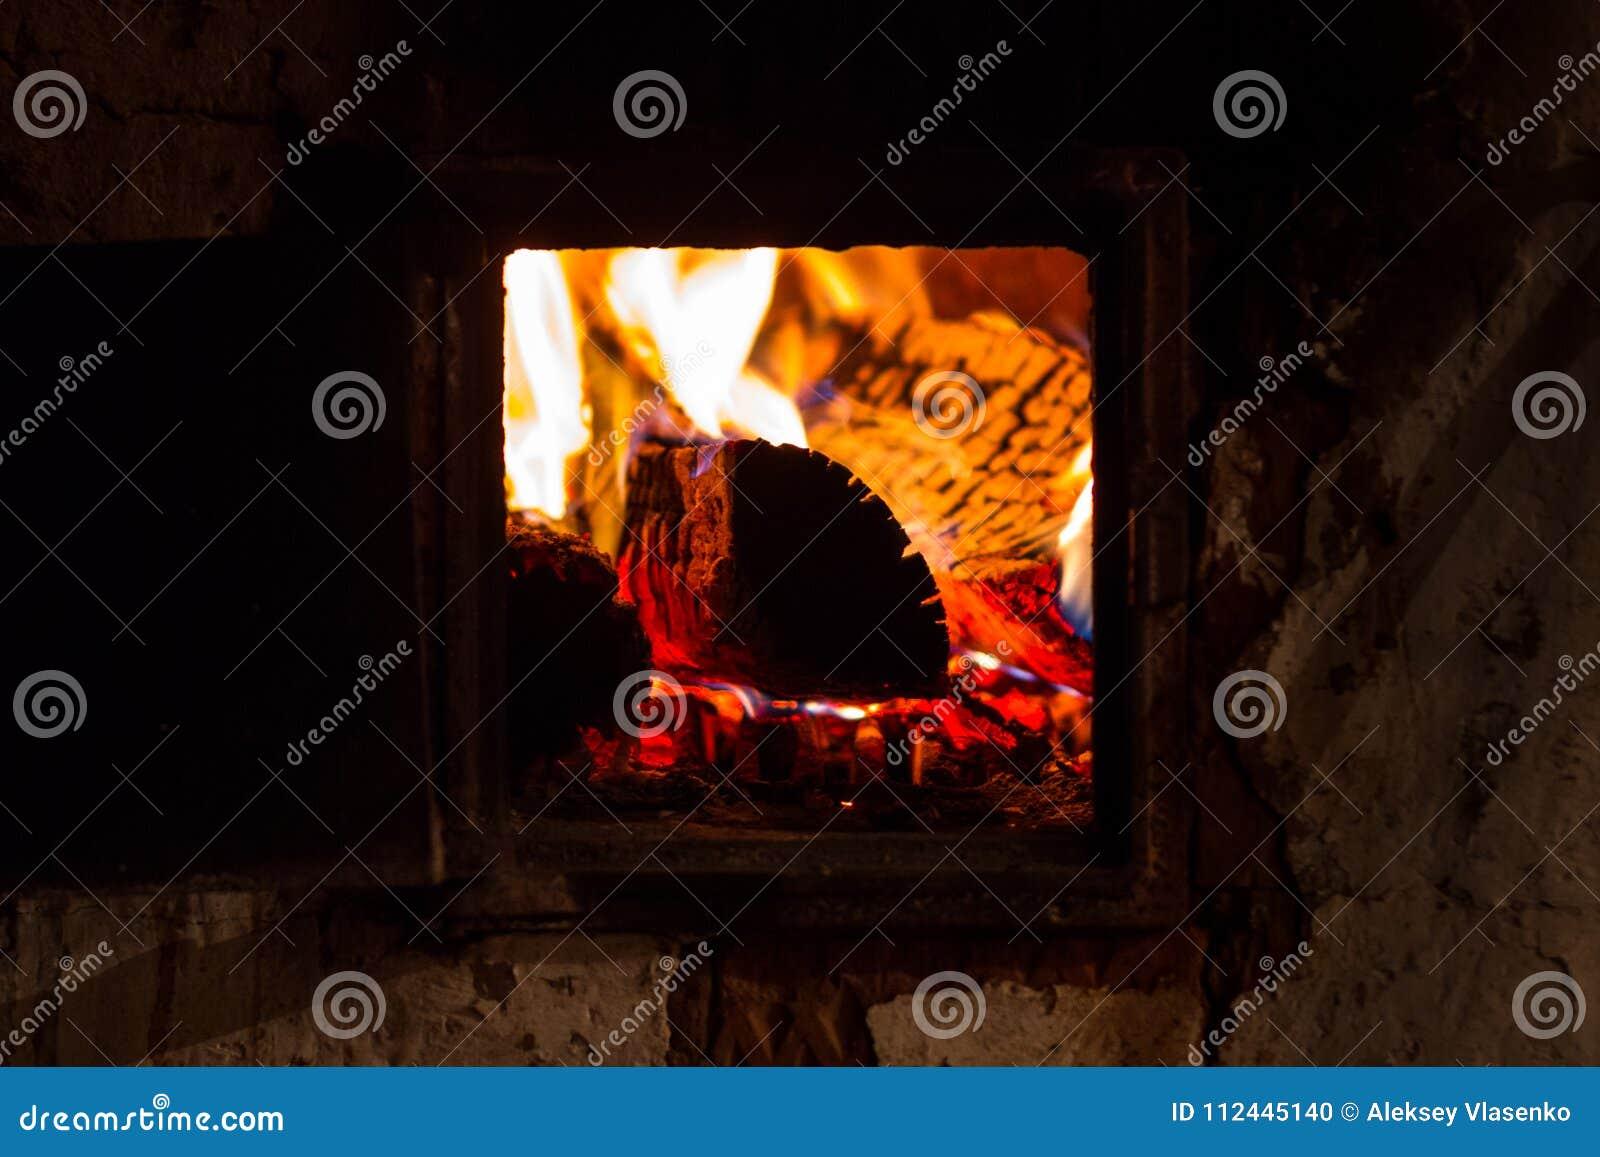 一个熔炉的灼烧的火焰在俄国村庄